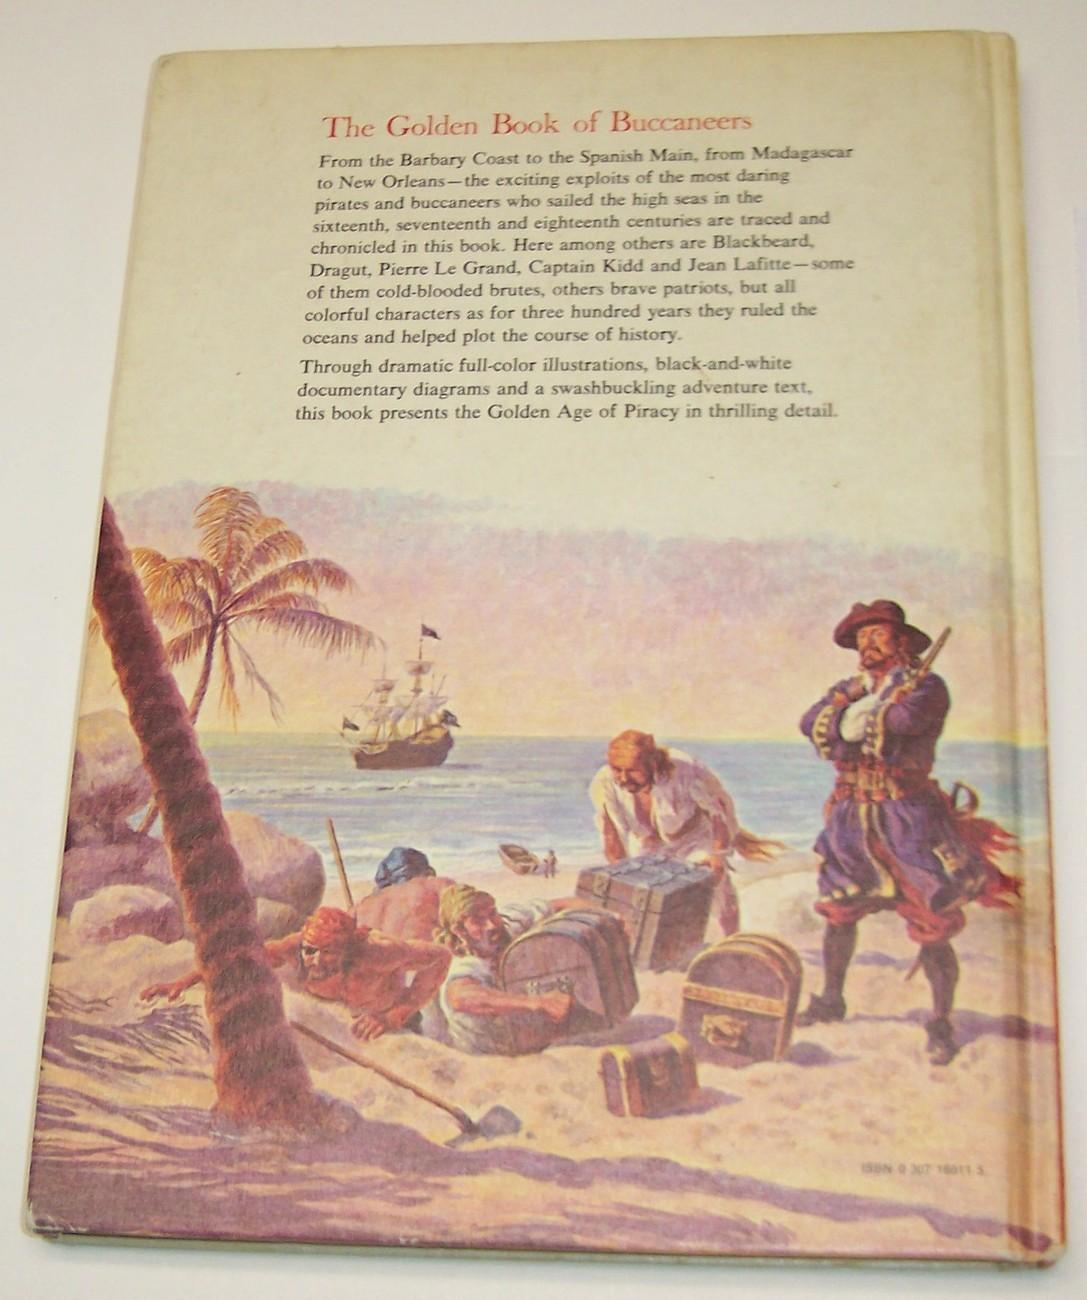 Golden Book of Buccaneers1976 1st Am Ed Gilbert